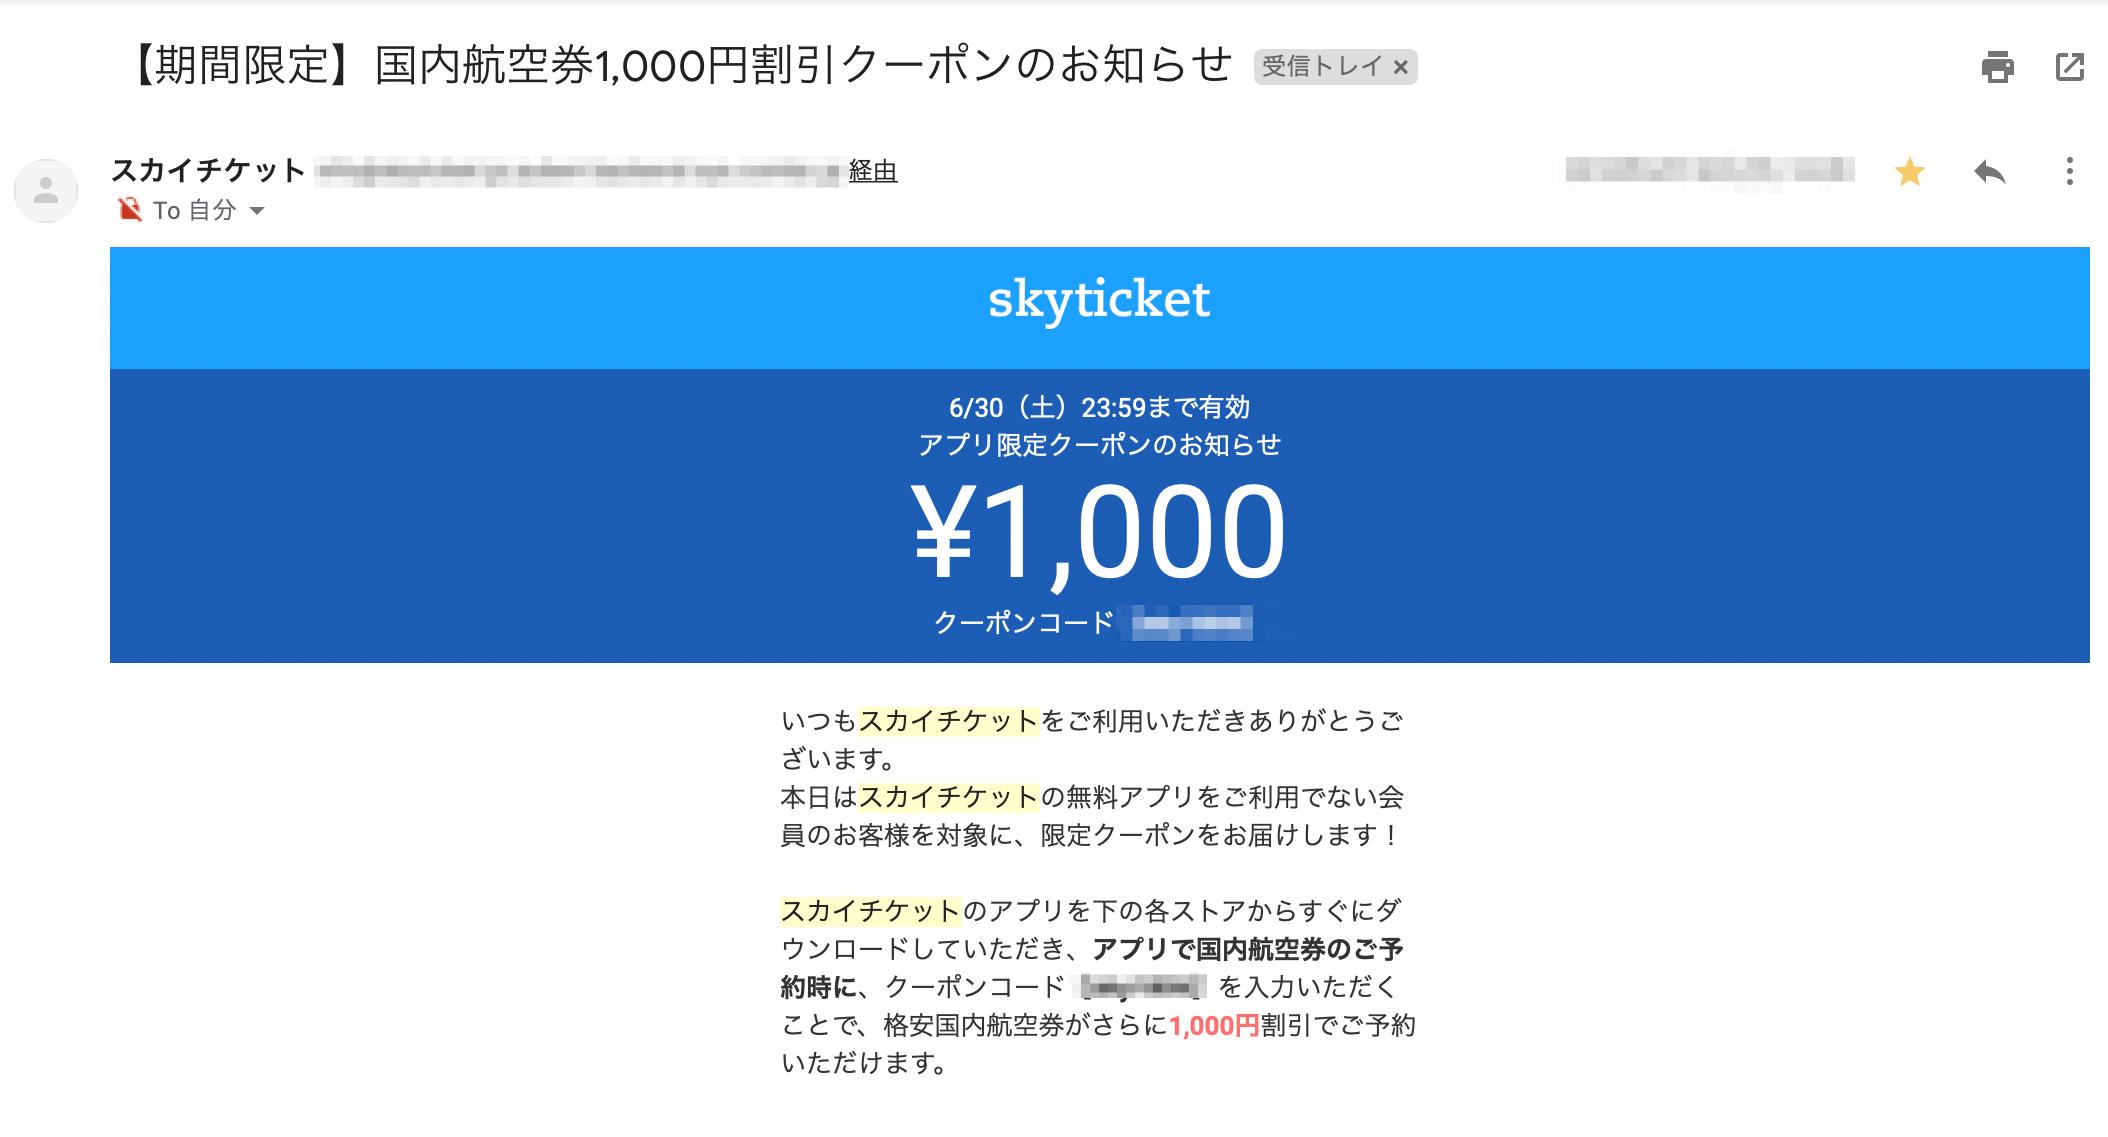 スカイチケット(Skyticket)の会員限定クーポン